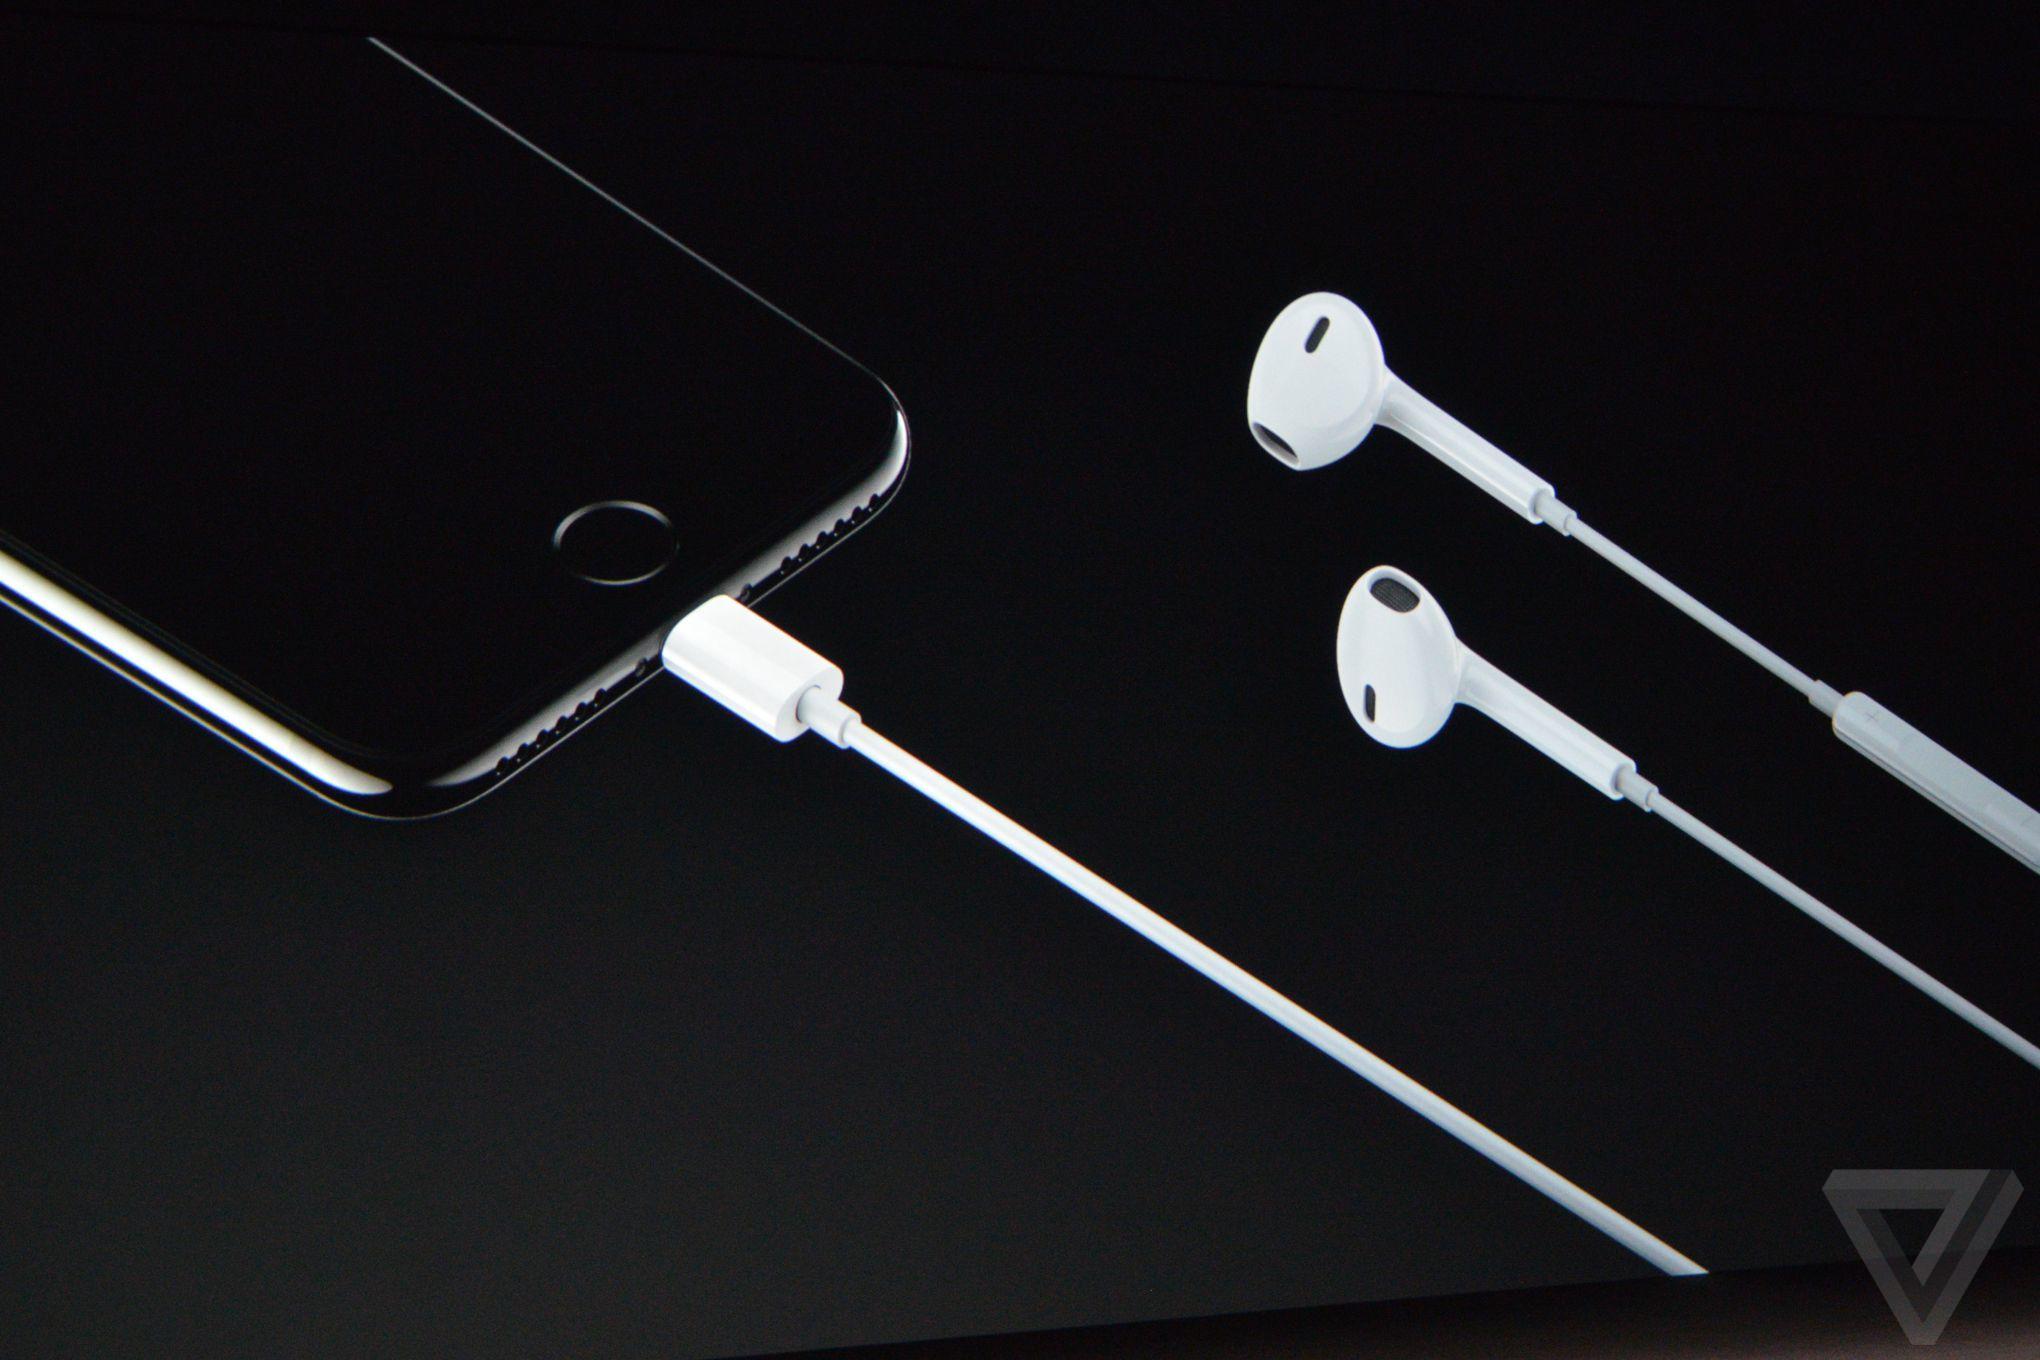 sihirli-elma-apple-etkinlik-400004.JPG